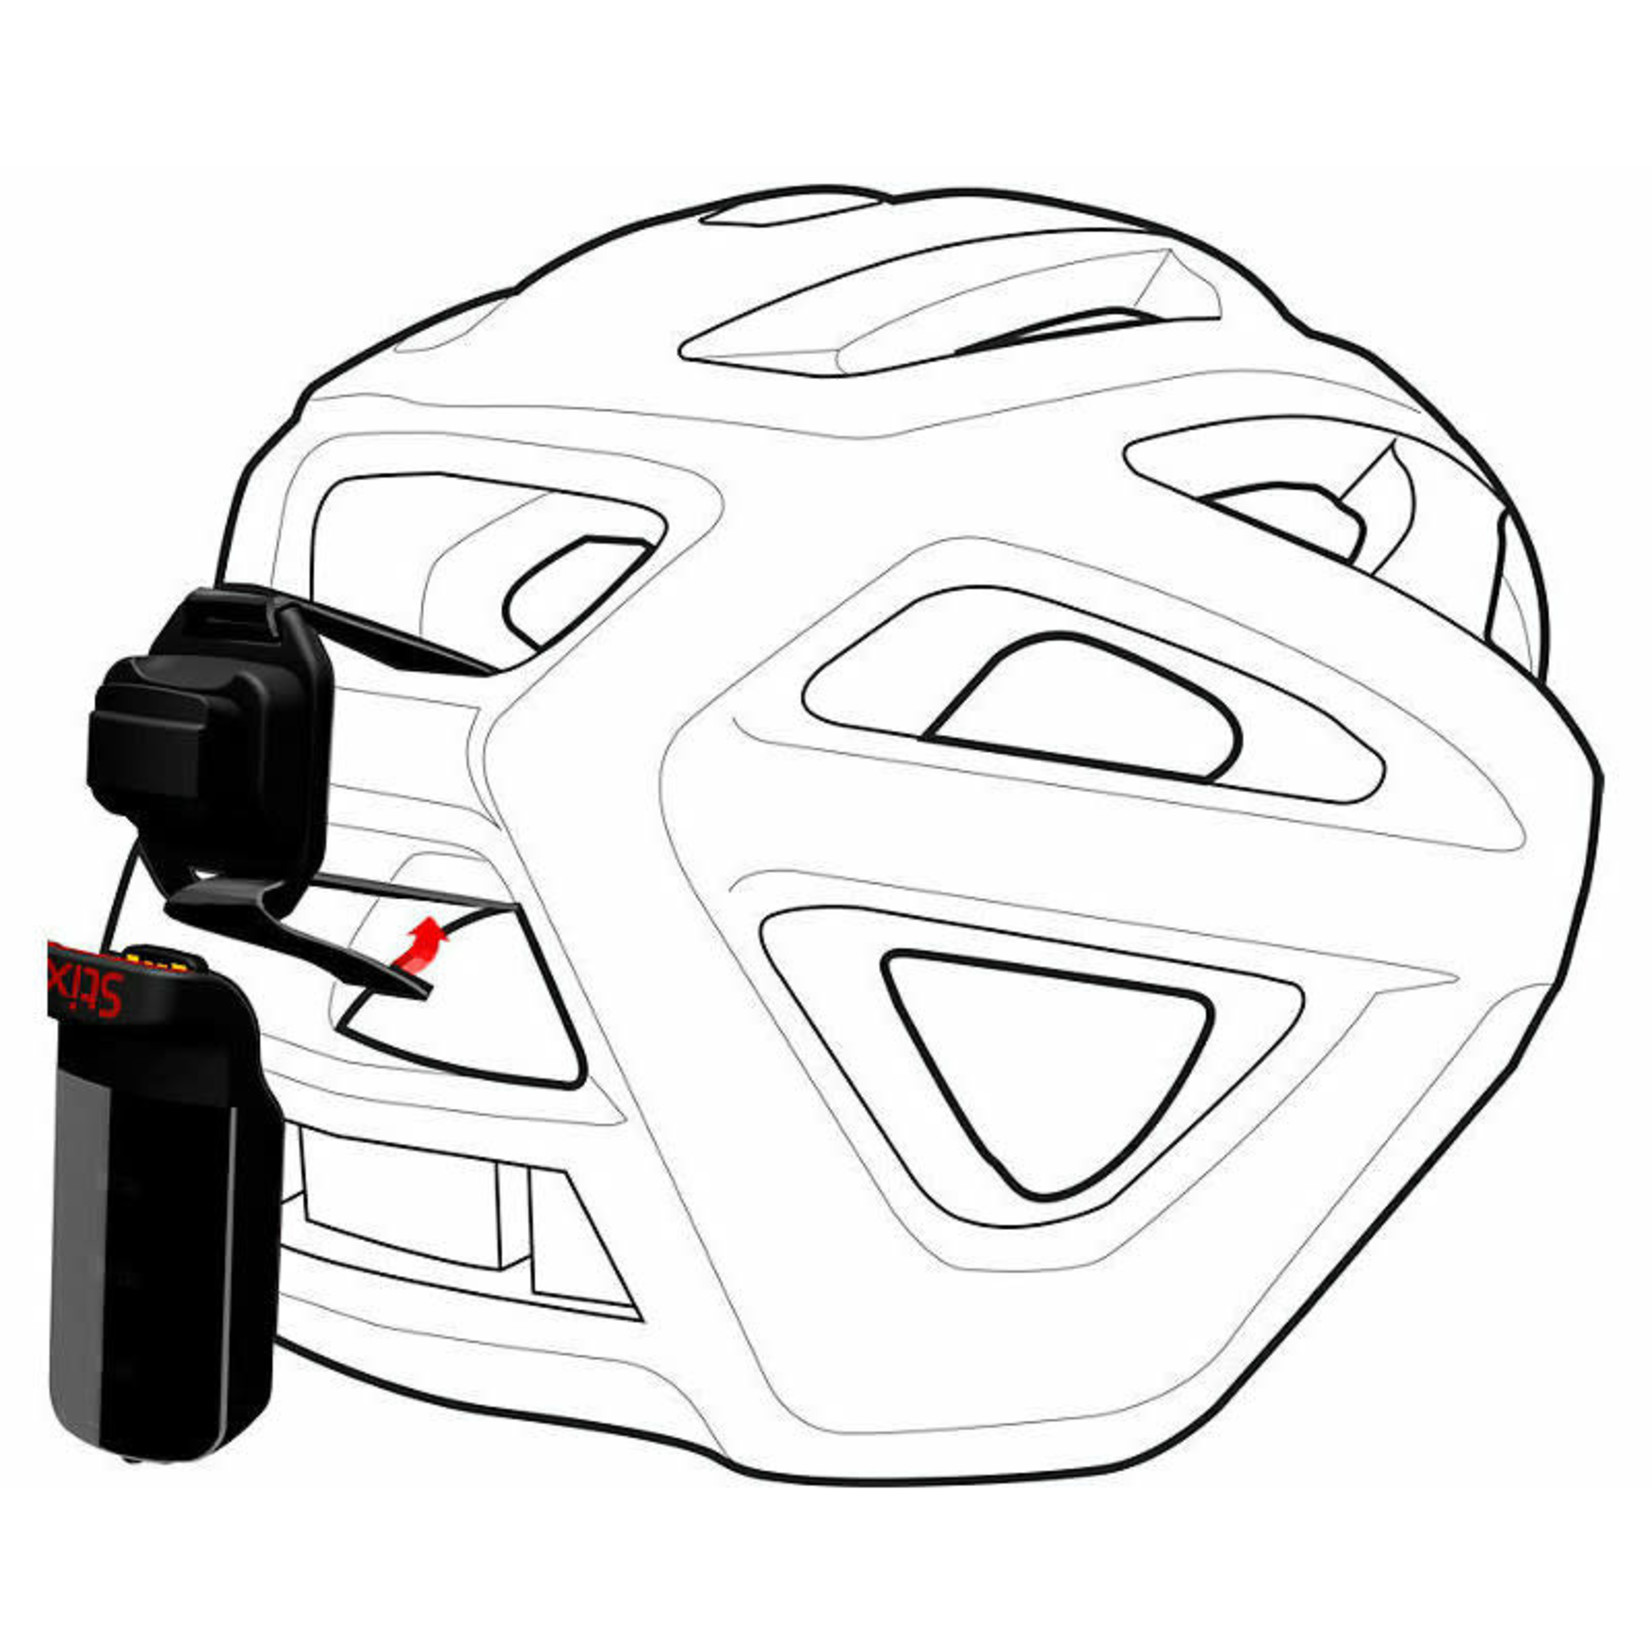 Specialized Specialized - STIX HELMET STRAP MOUNT Black